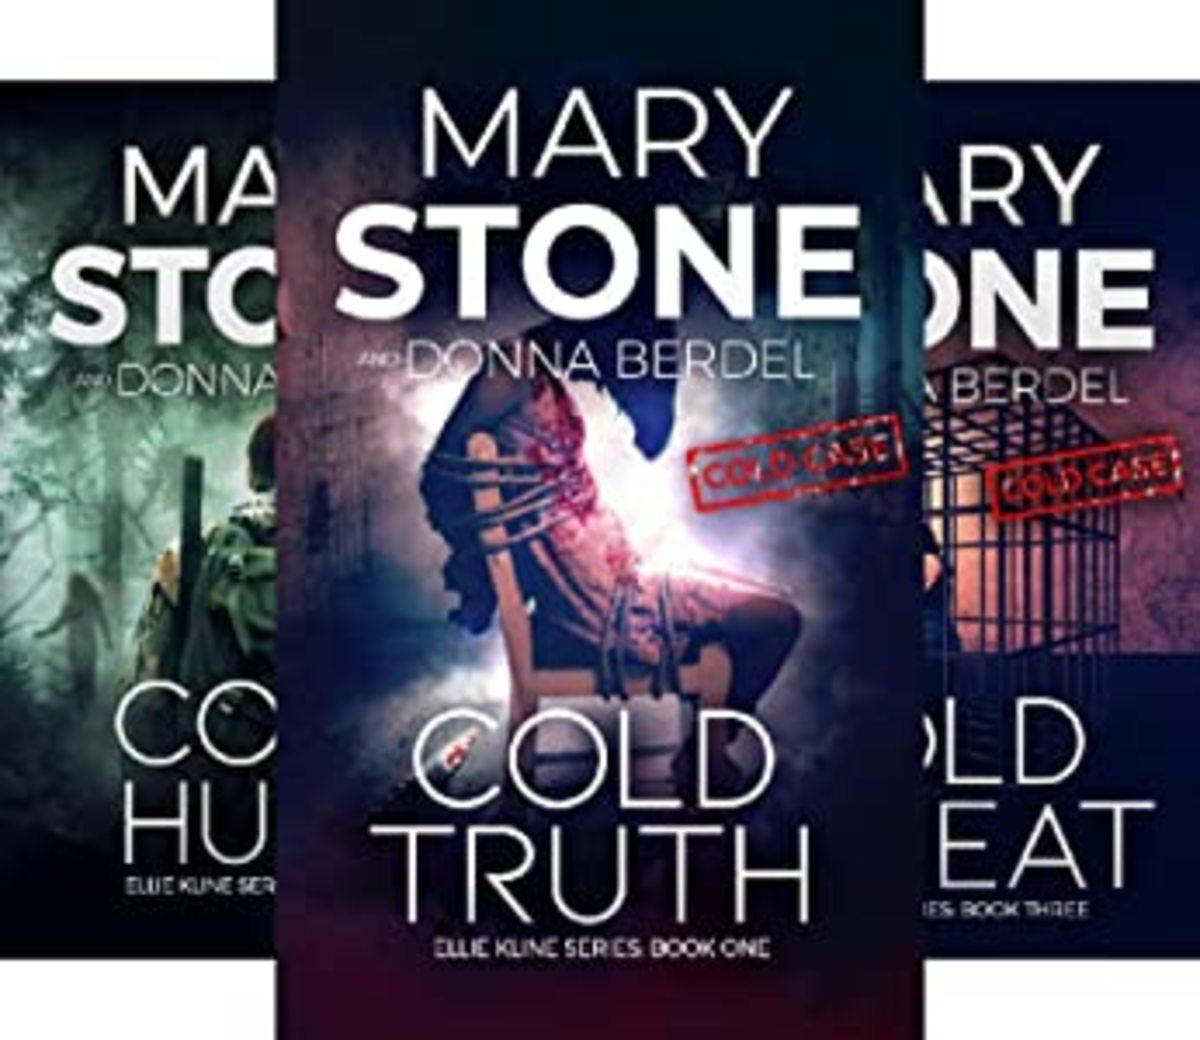 Titles in the Ellie Kline series